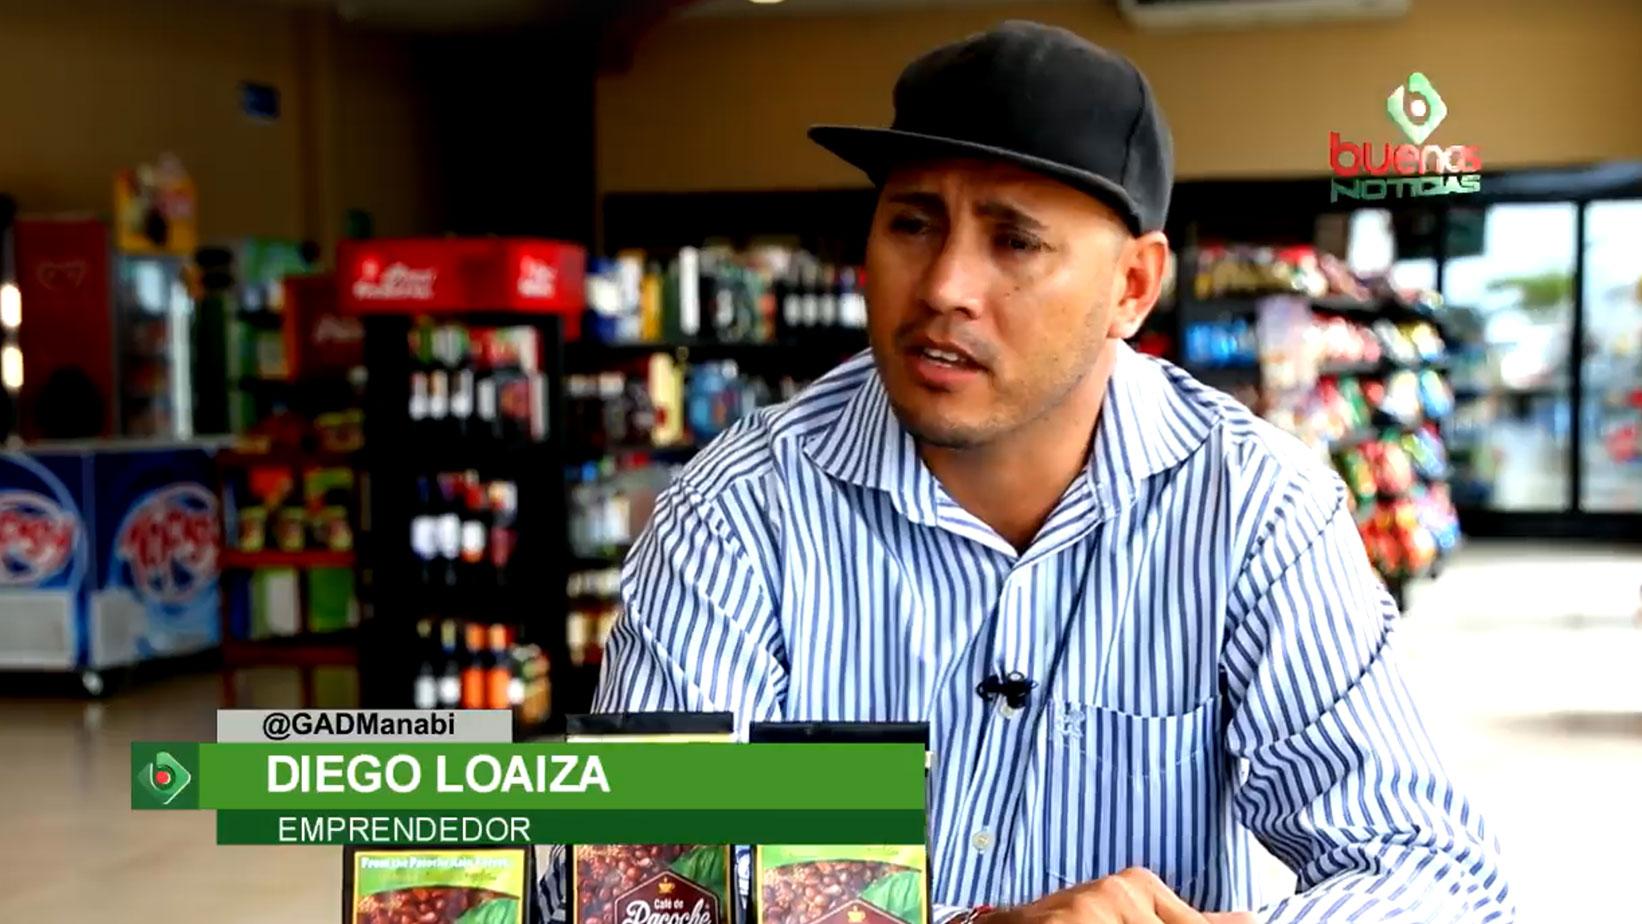 Diego Loaiza on Buenas Noticias